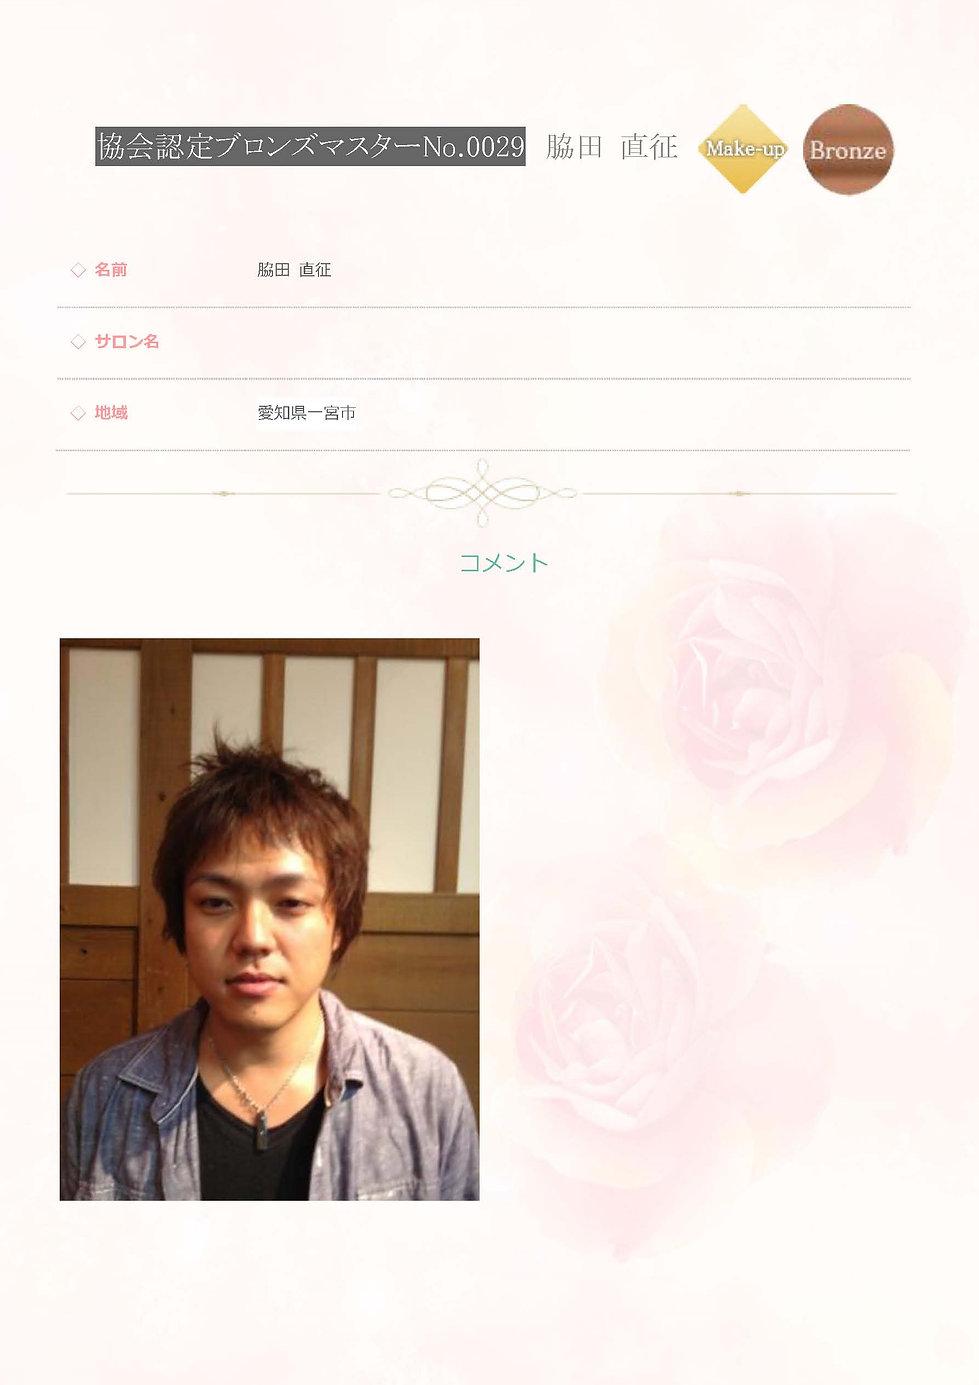 協会認定 ブロンズマスター メイク No0029 脇田 直征